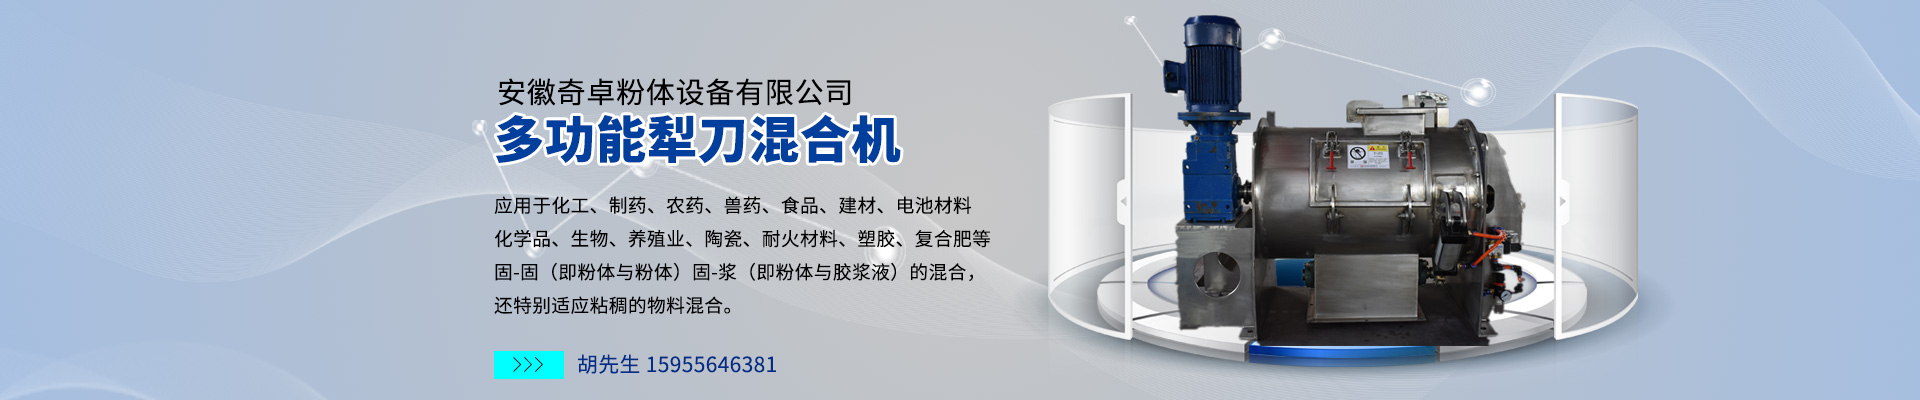 安徽奇卓粉体设备有限公司